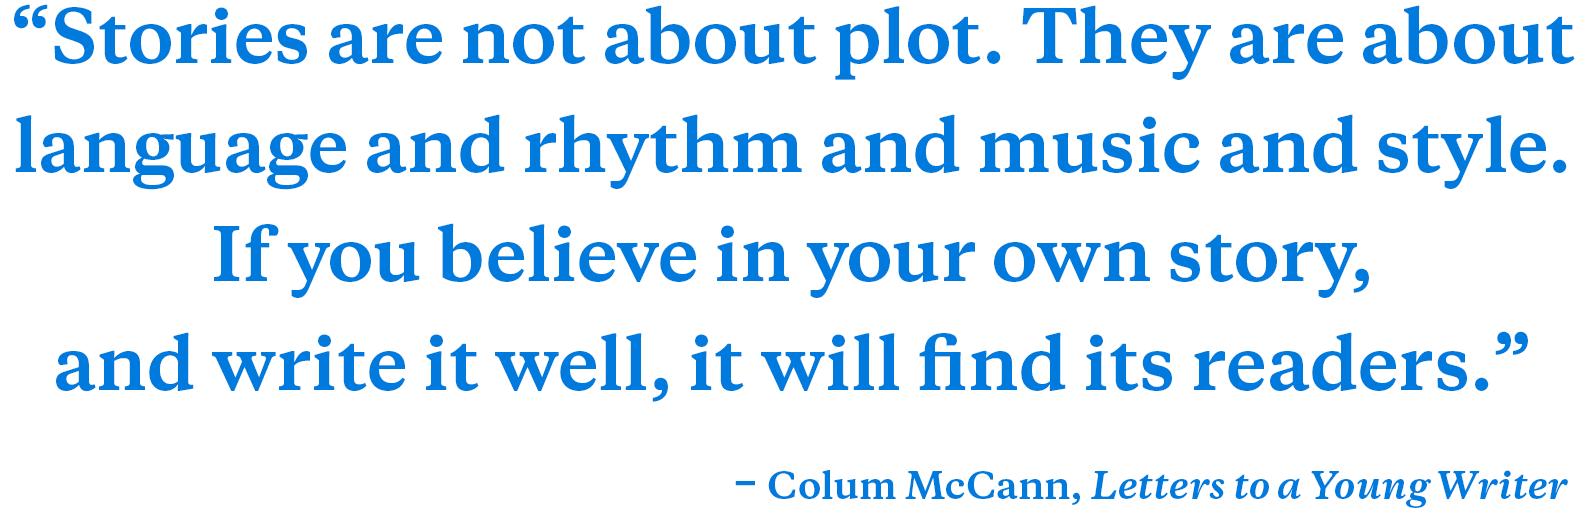 Colum quote 3